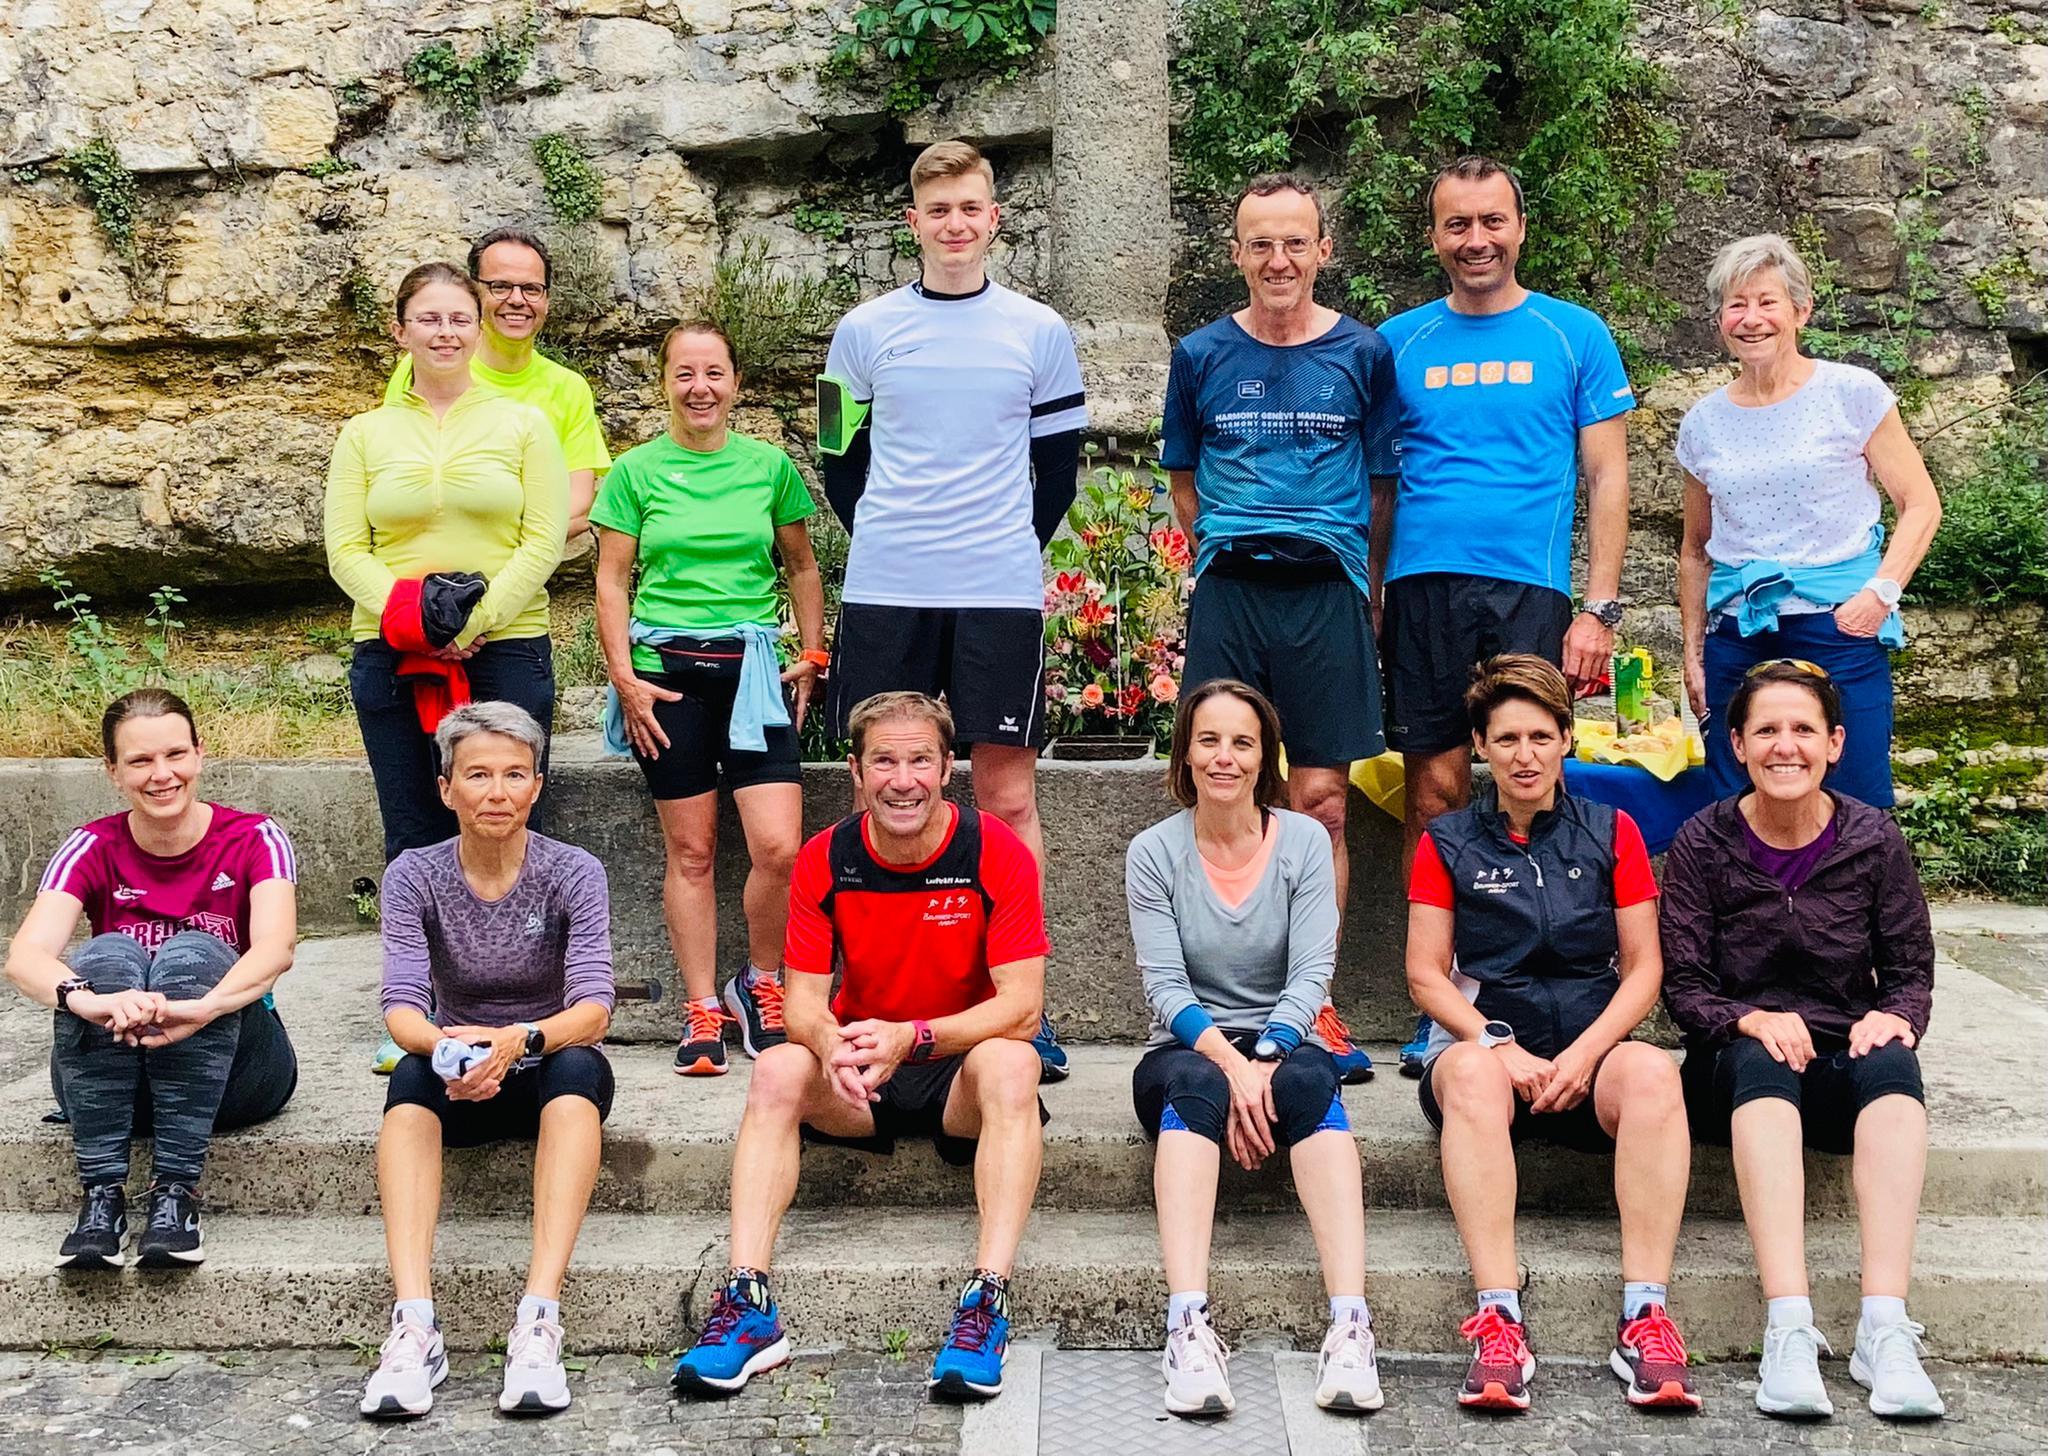 Laufgruppe 2021 Lauftraeffjpg